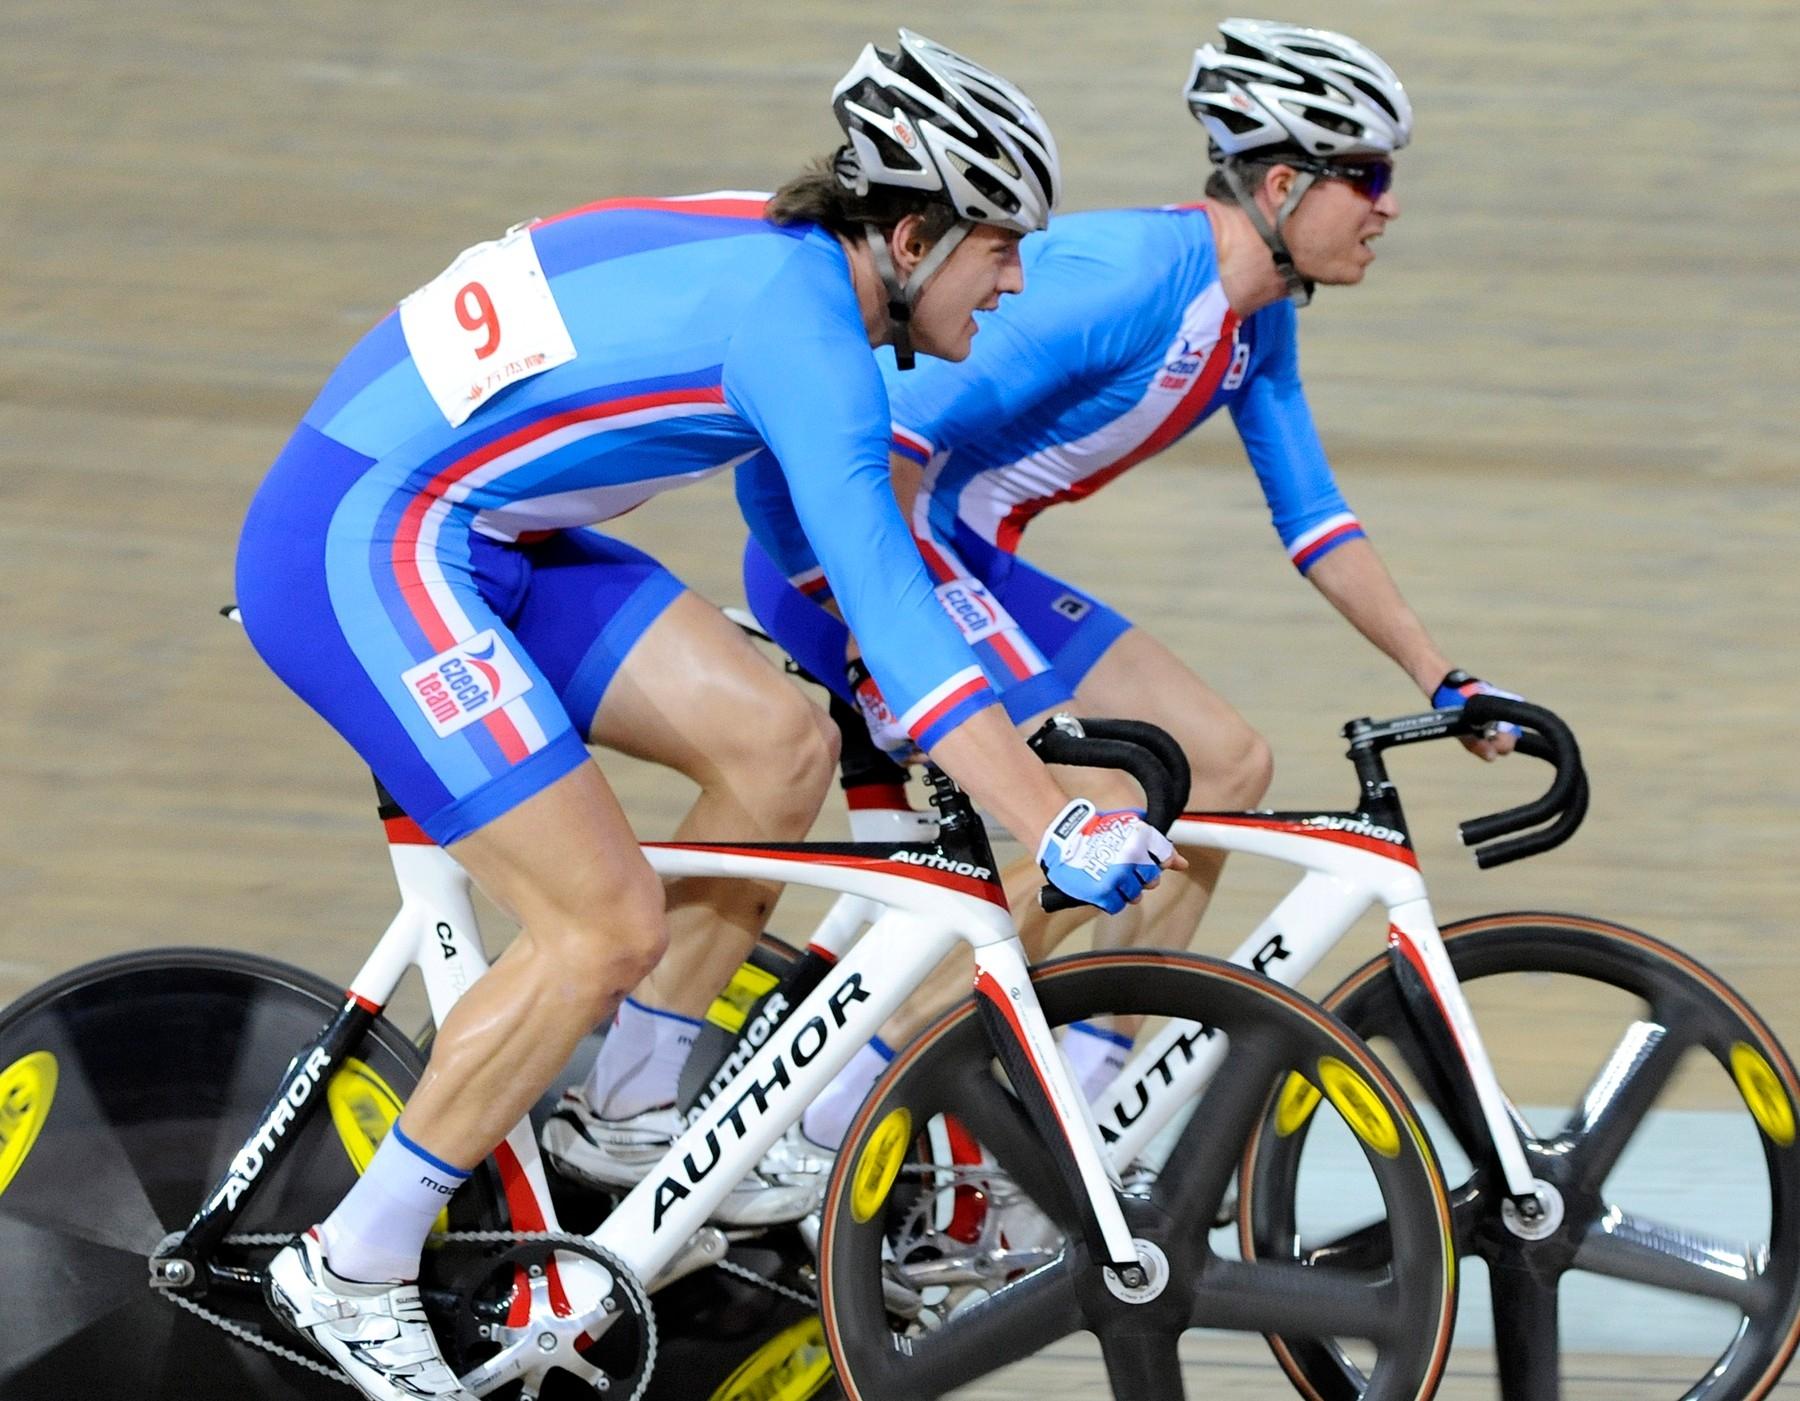 Vojtěch Hačecký a Martin Bláha (vzadu) při SP v Pekingu 2012, kde získali v bodovacím závodě dvojic. Foto: profimedia